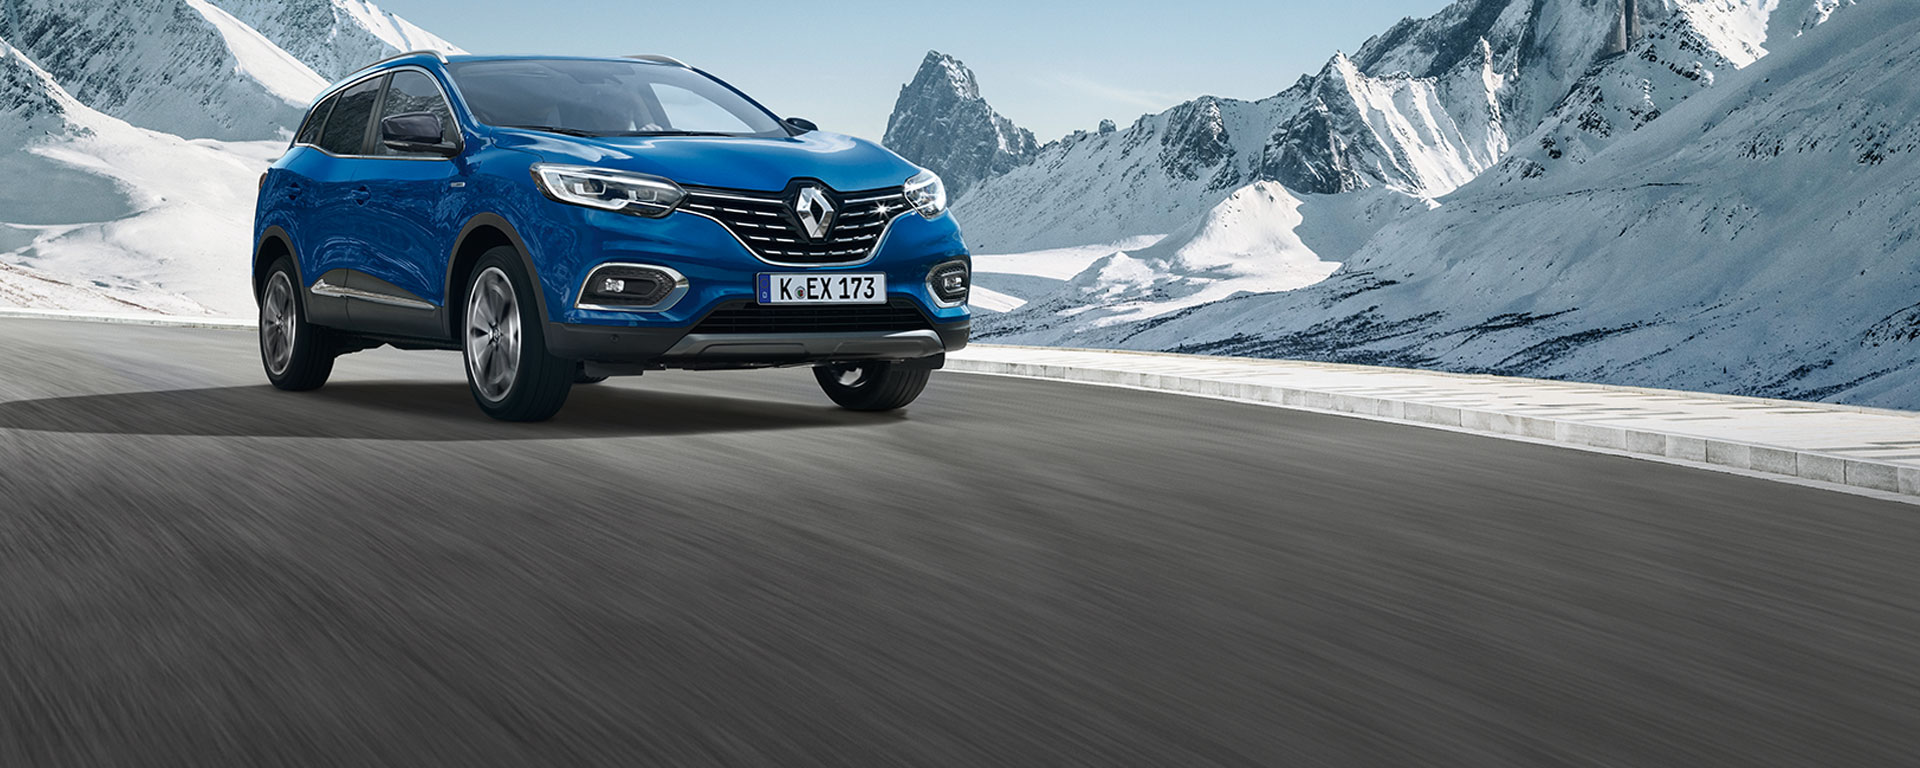 Der neue Renault KADJAR 2019